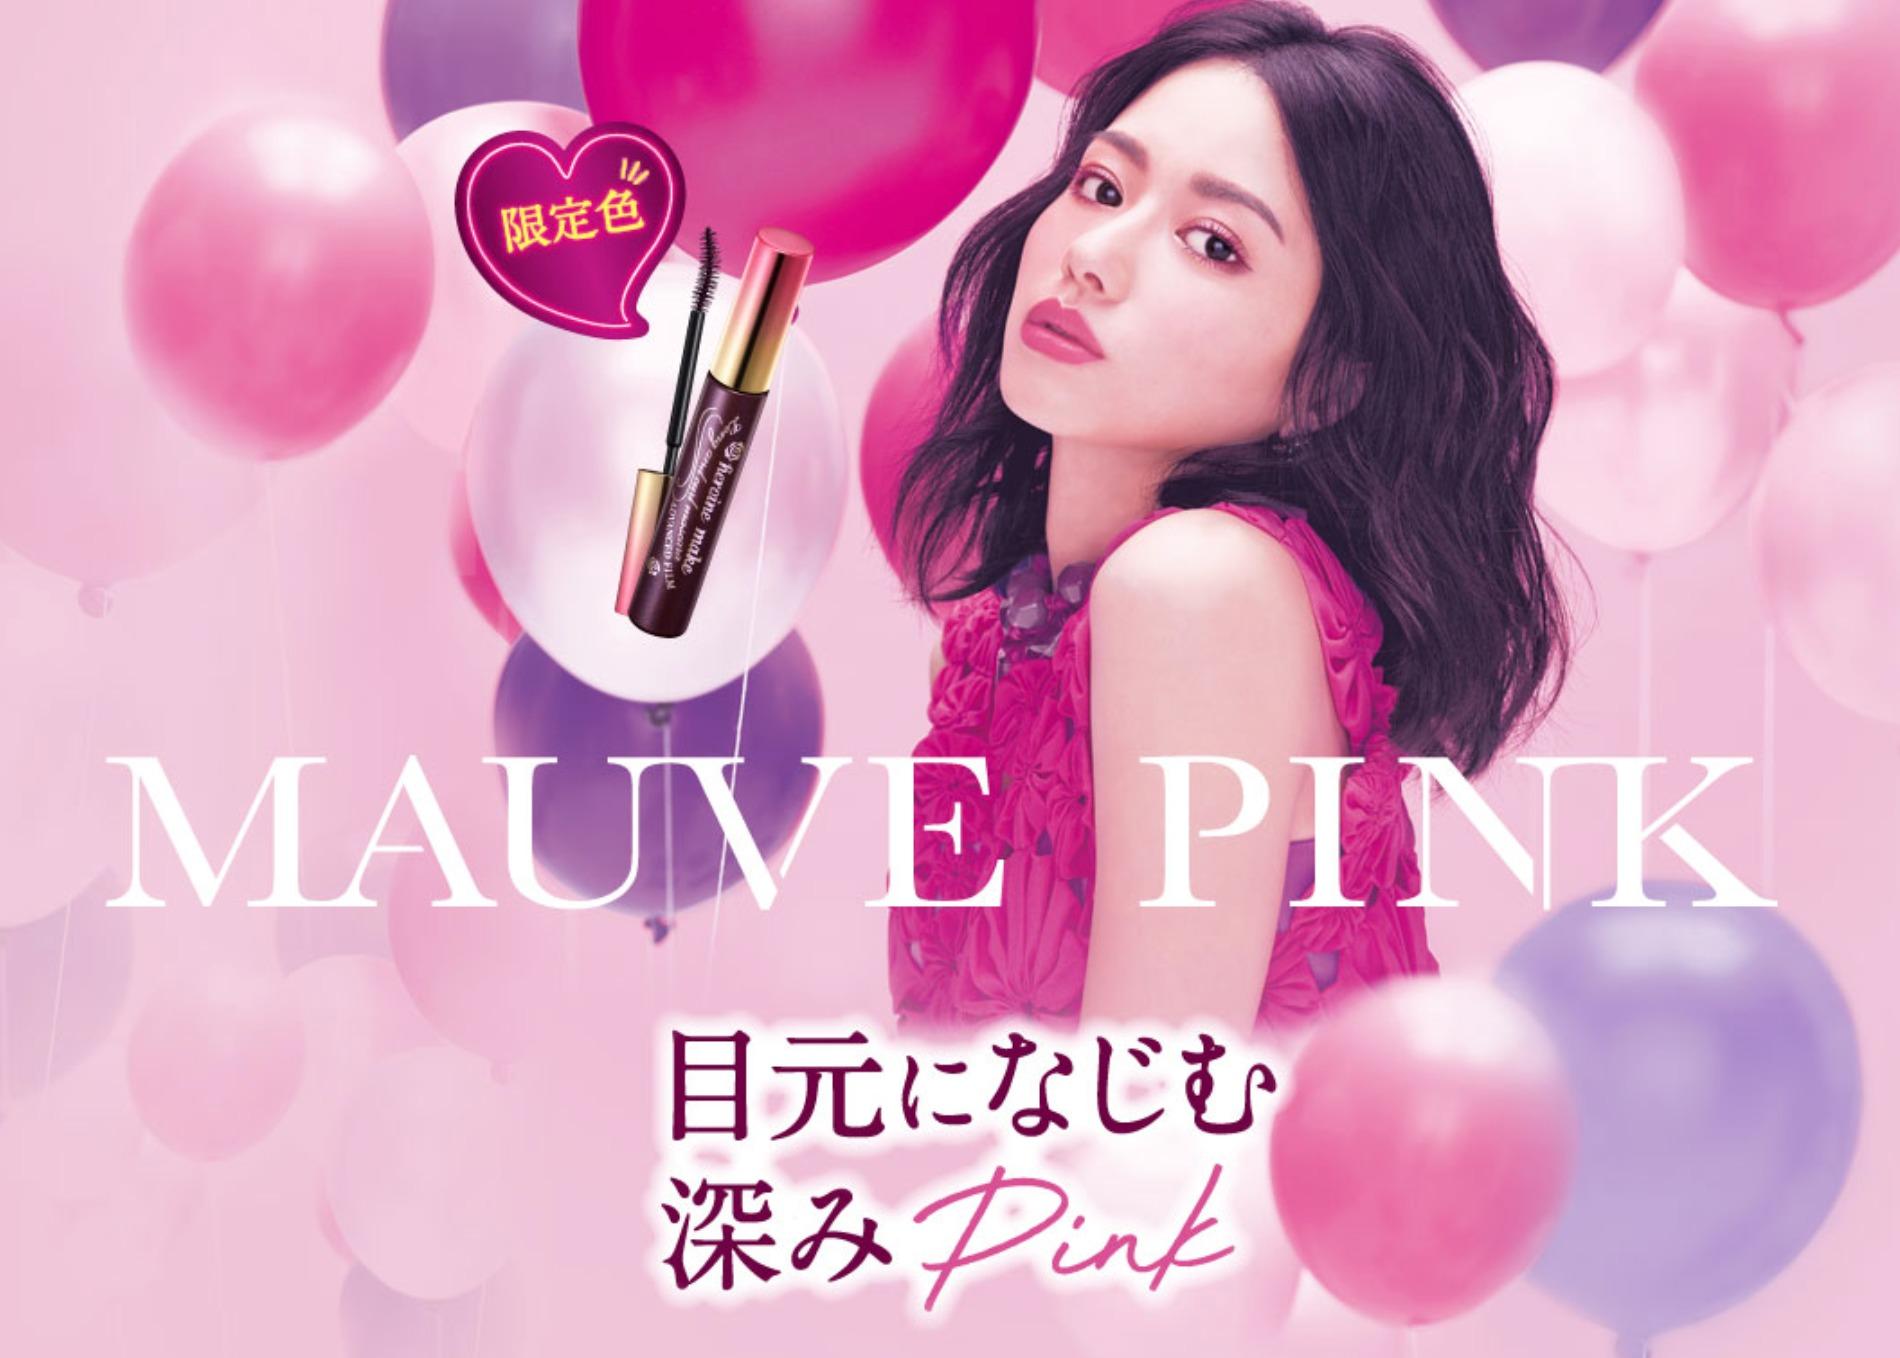 【ヒロインメイク】マスカラ限定色モーヴピンクが2020も限定発売!